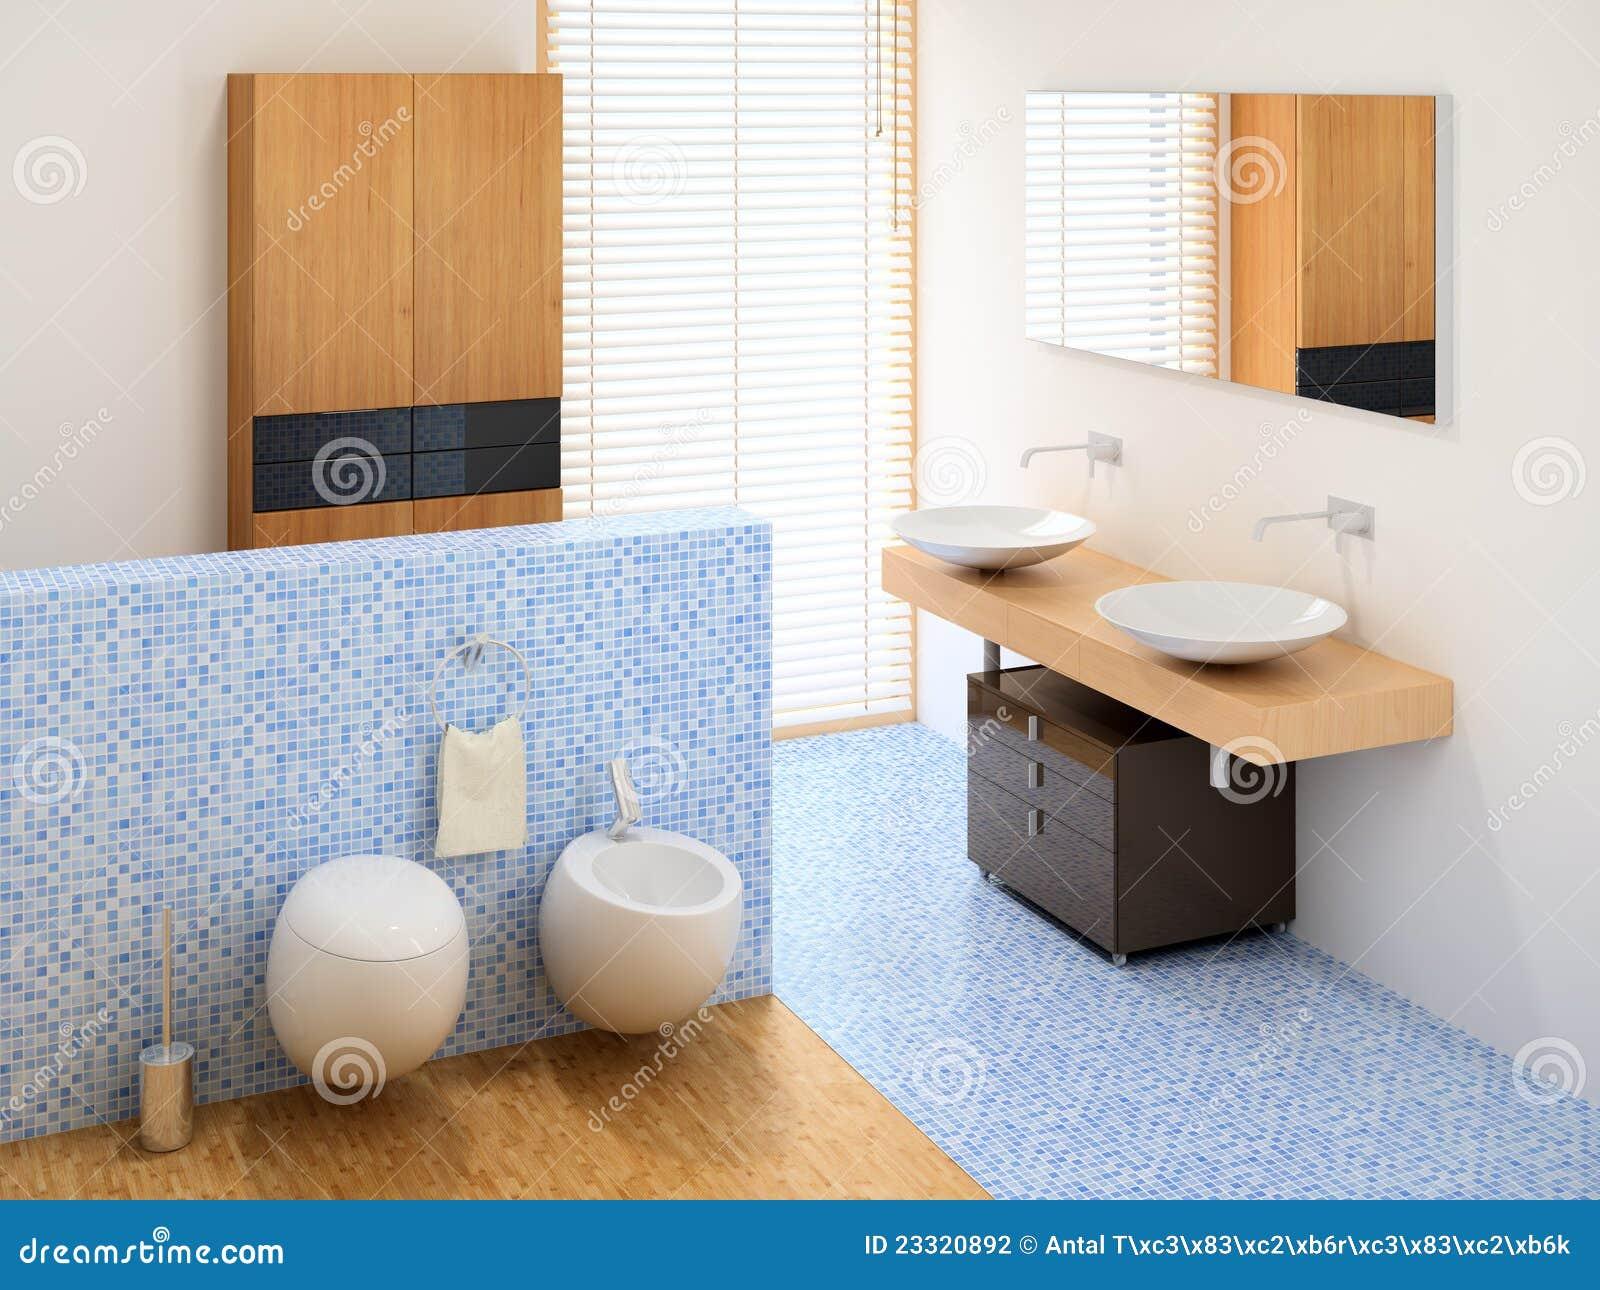 Banheiro moderno pequeno que inclui o wardrobe as bacias e o toalete. #986A33 1300 1065